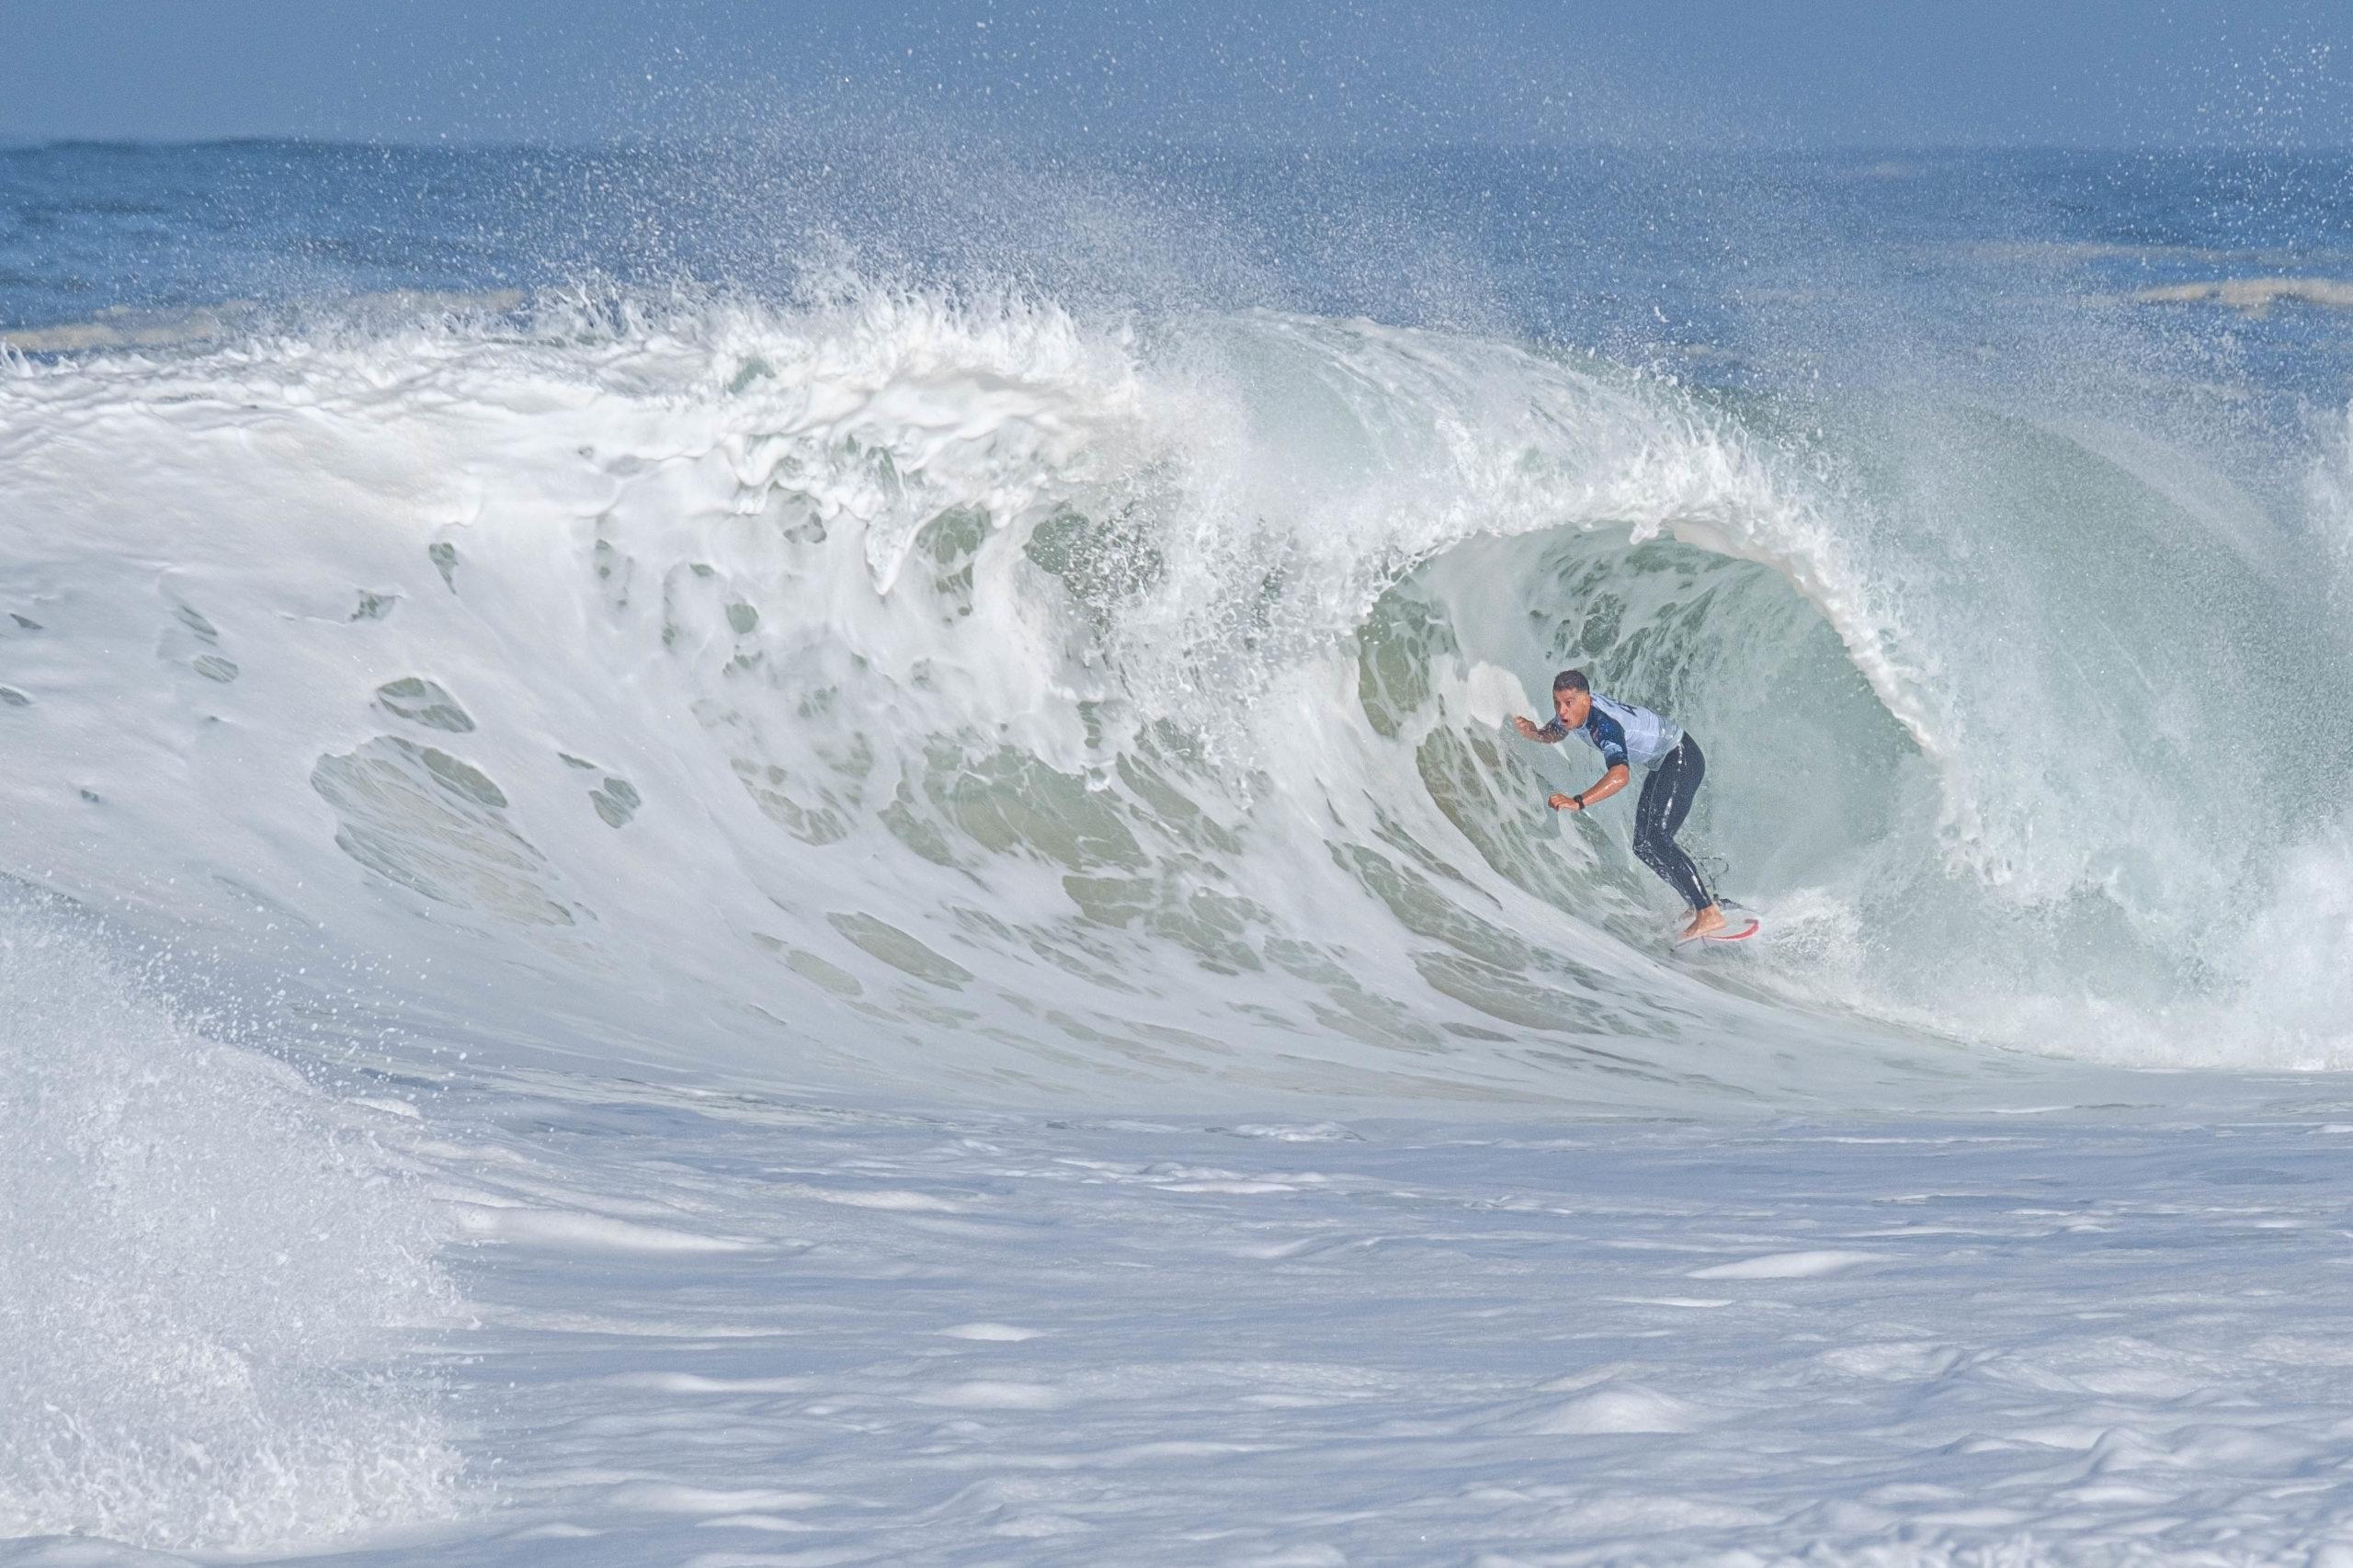 Les photos des élèves VP23 - Bernard Mazière - Stage photo Surf